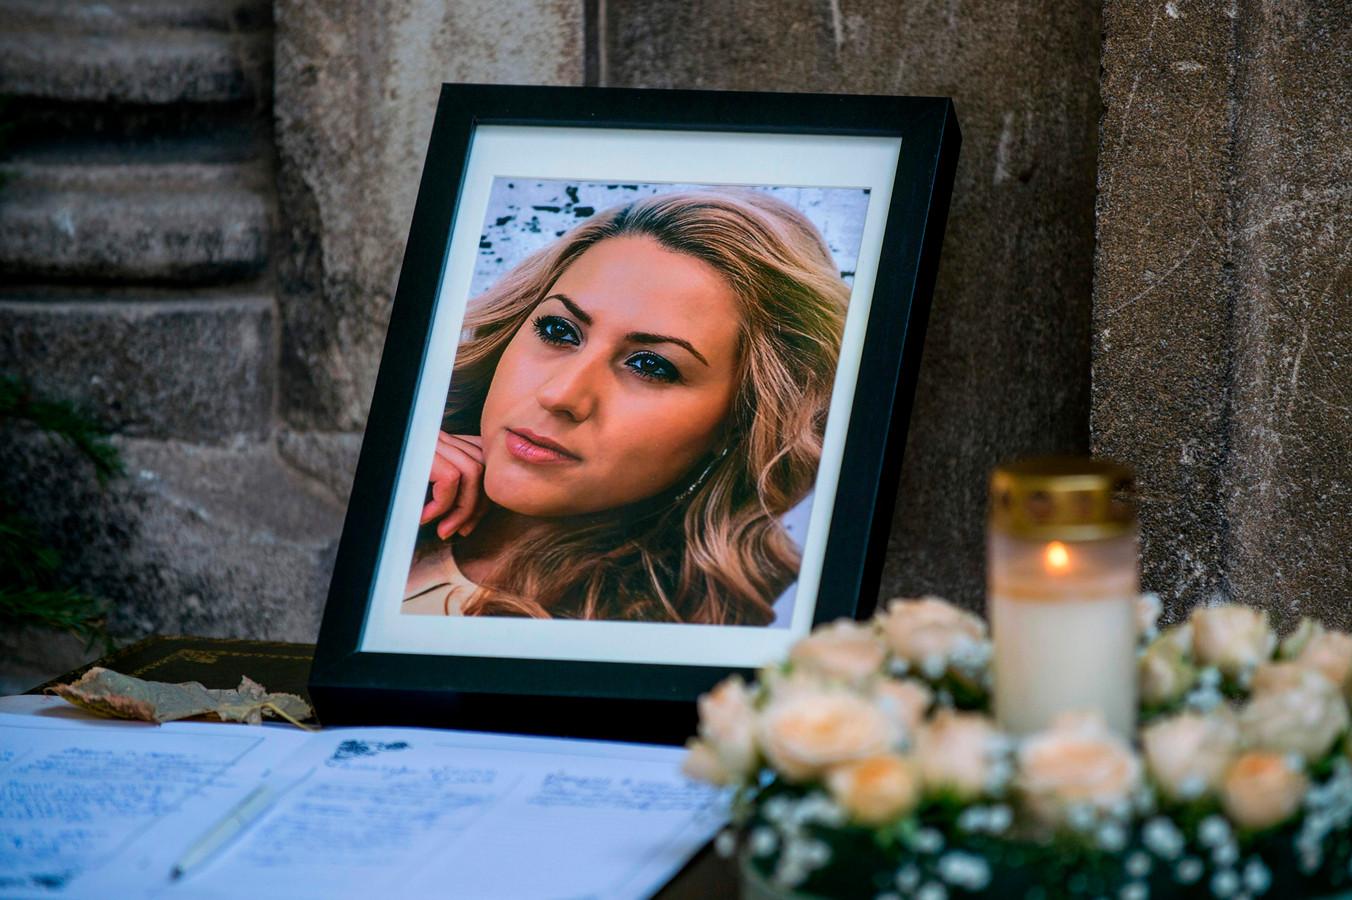 Een foto van de Bulgaarse journaliste Viktoria Marinova